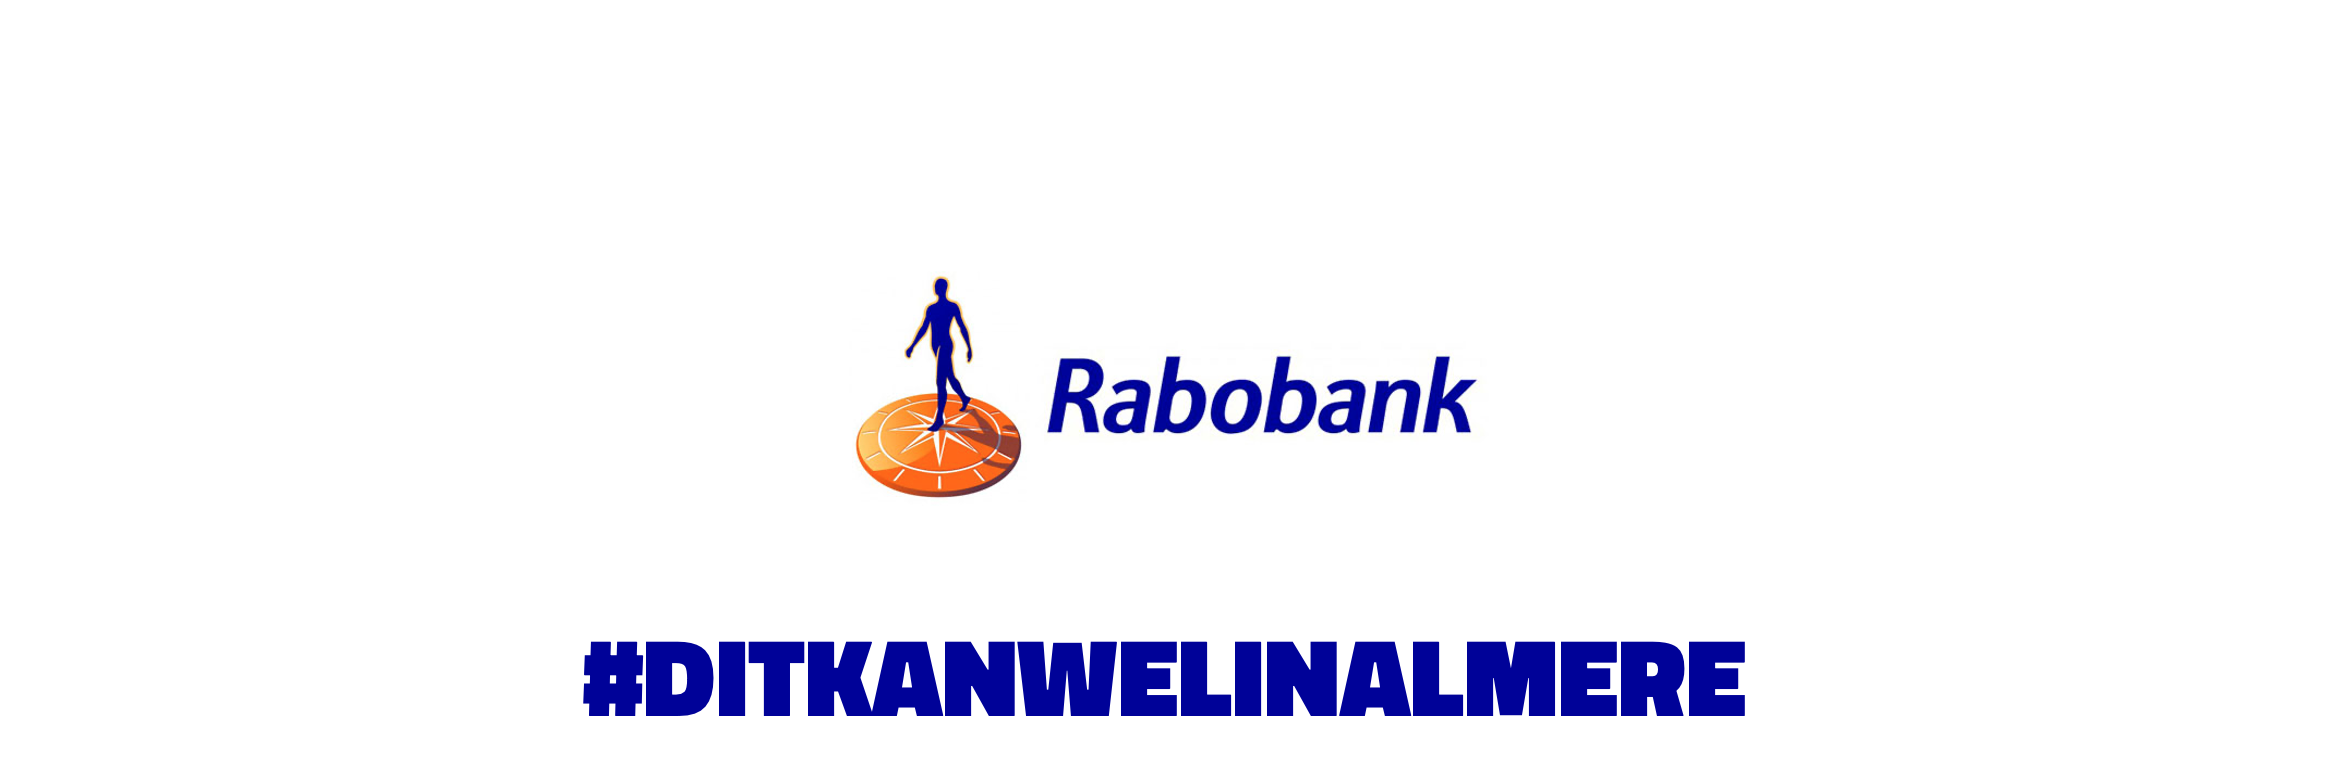 #DITKANWELINALMERE: RABOBANK ALMERE ORGANISEERT WEBINAR SPORTVERENIGINGEN